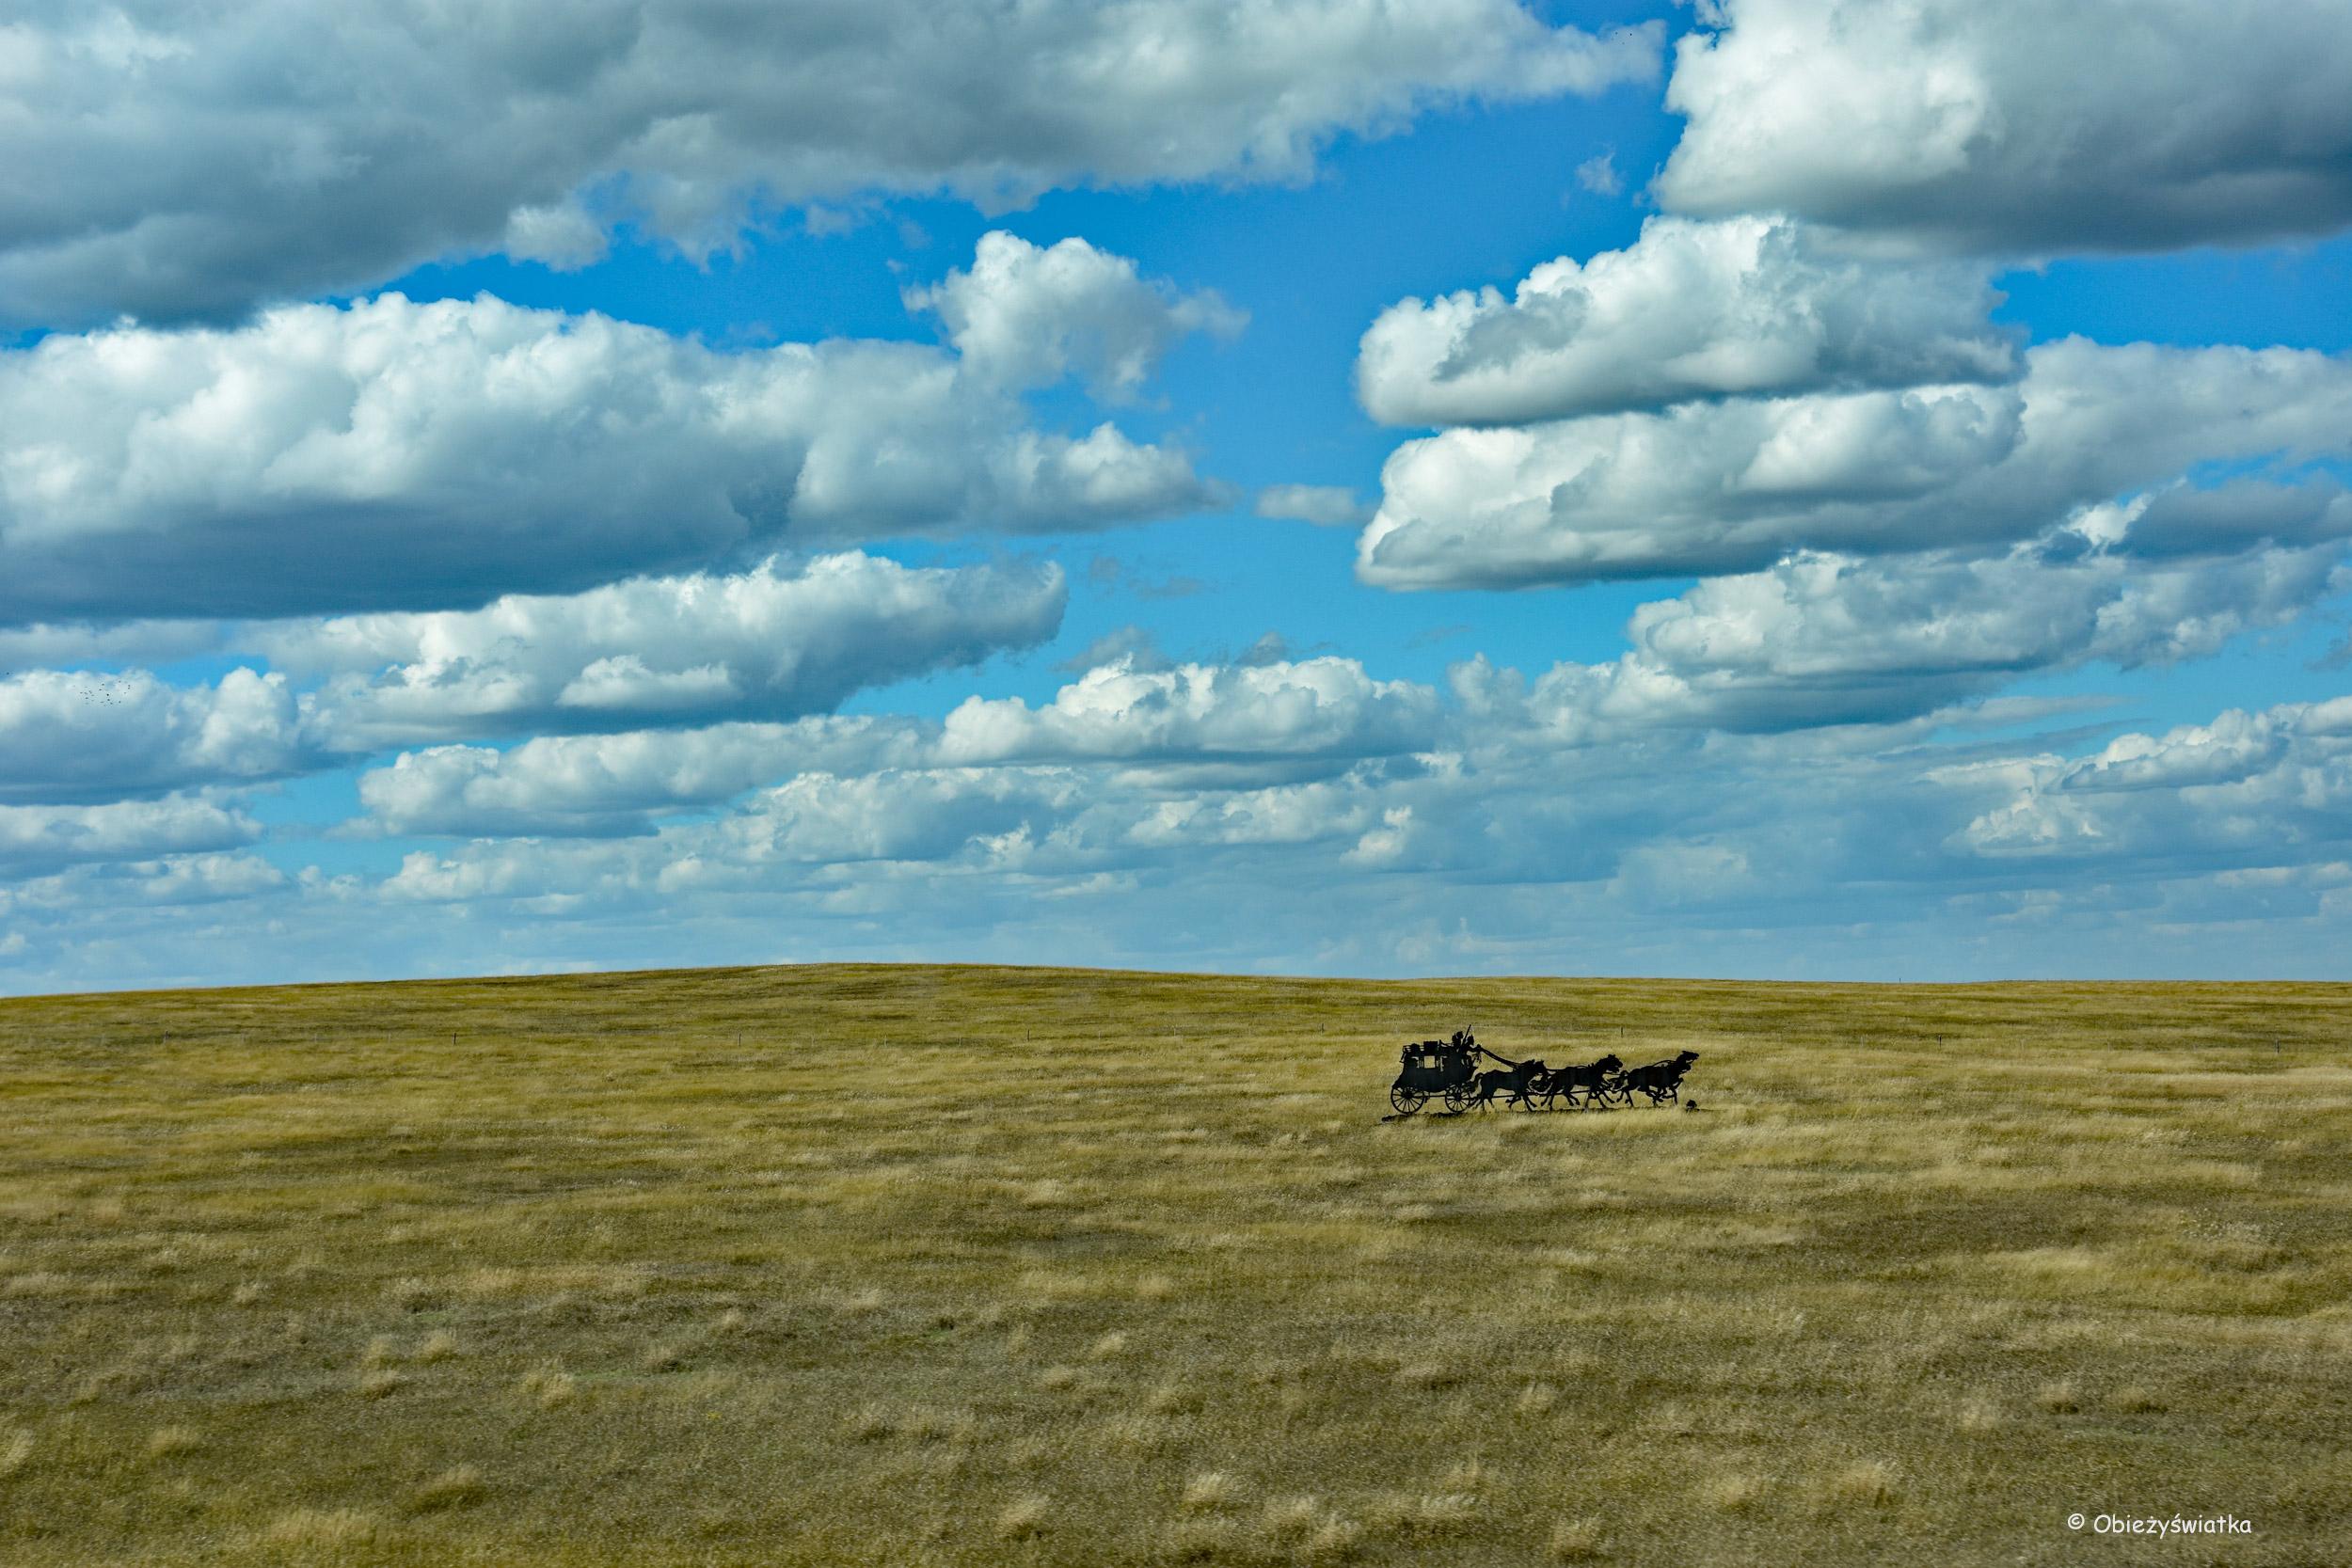 Uciekający dyliżans - Interstate 90, South Dakota